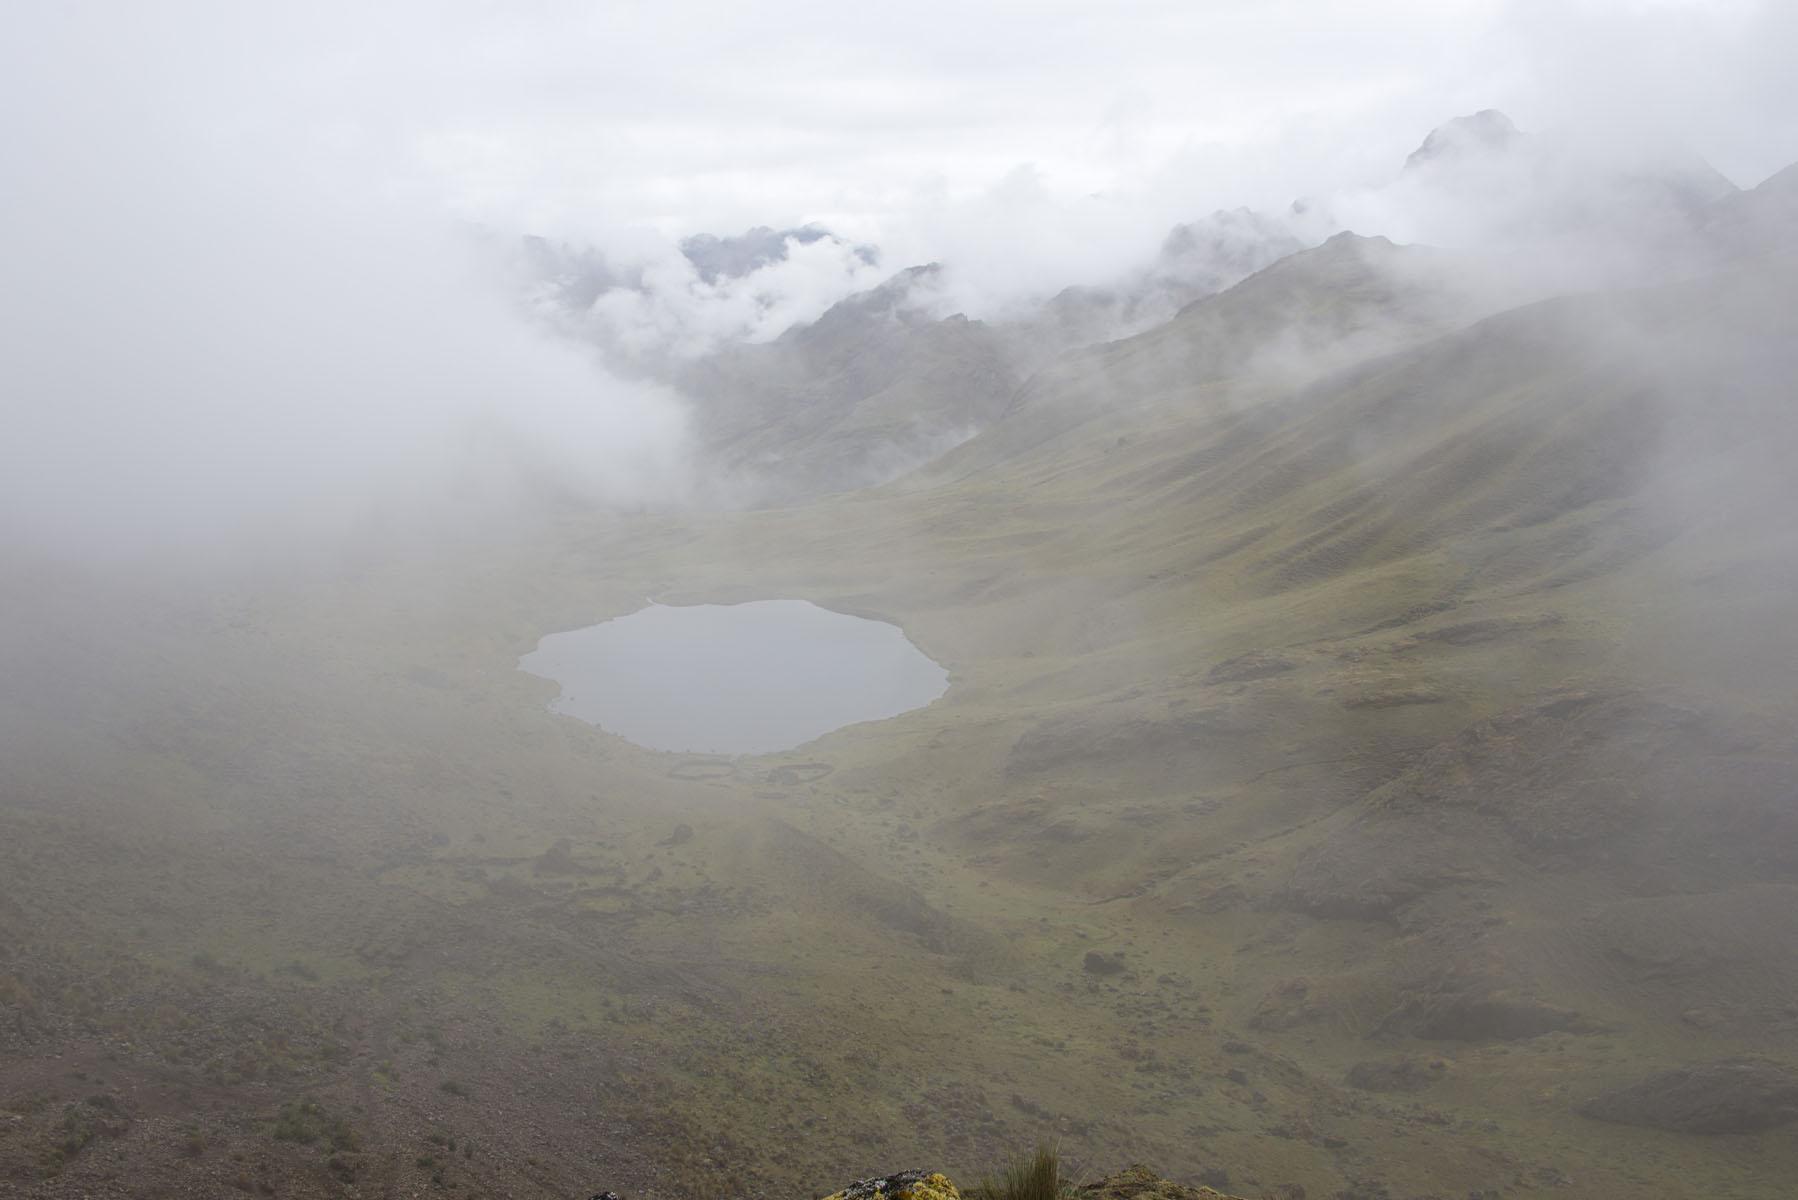 204-Peru-5-15_web.jpg